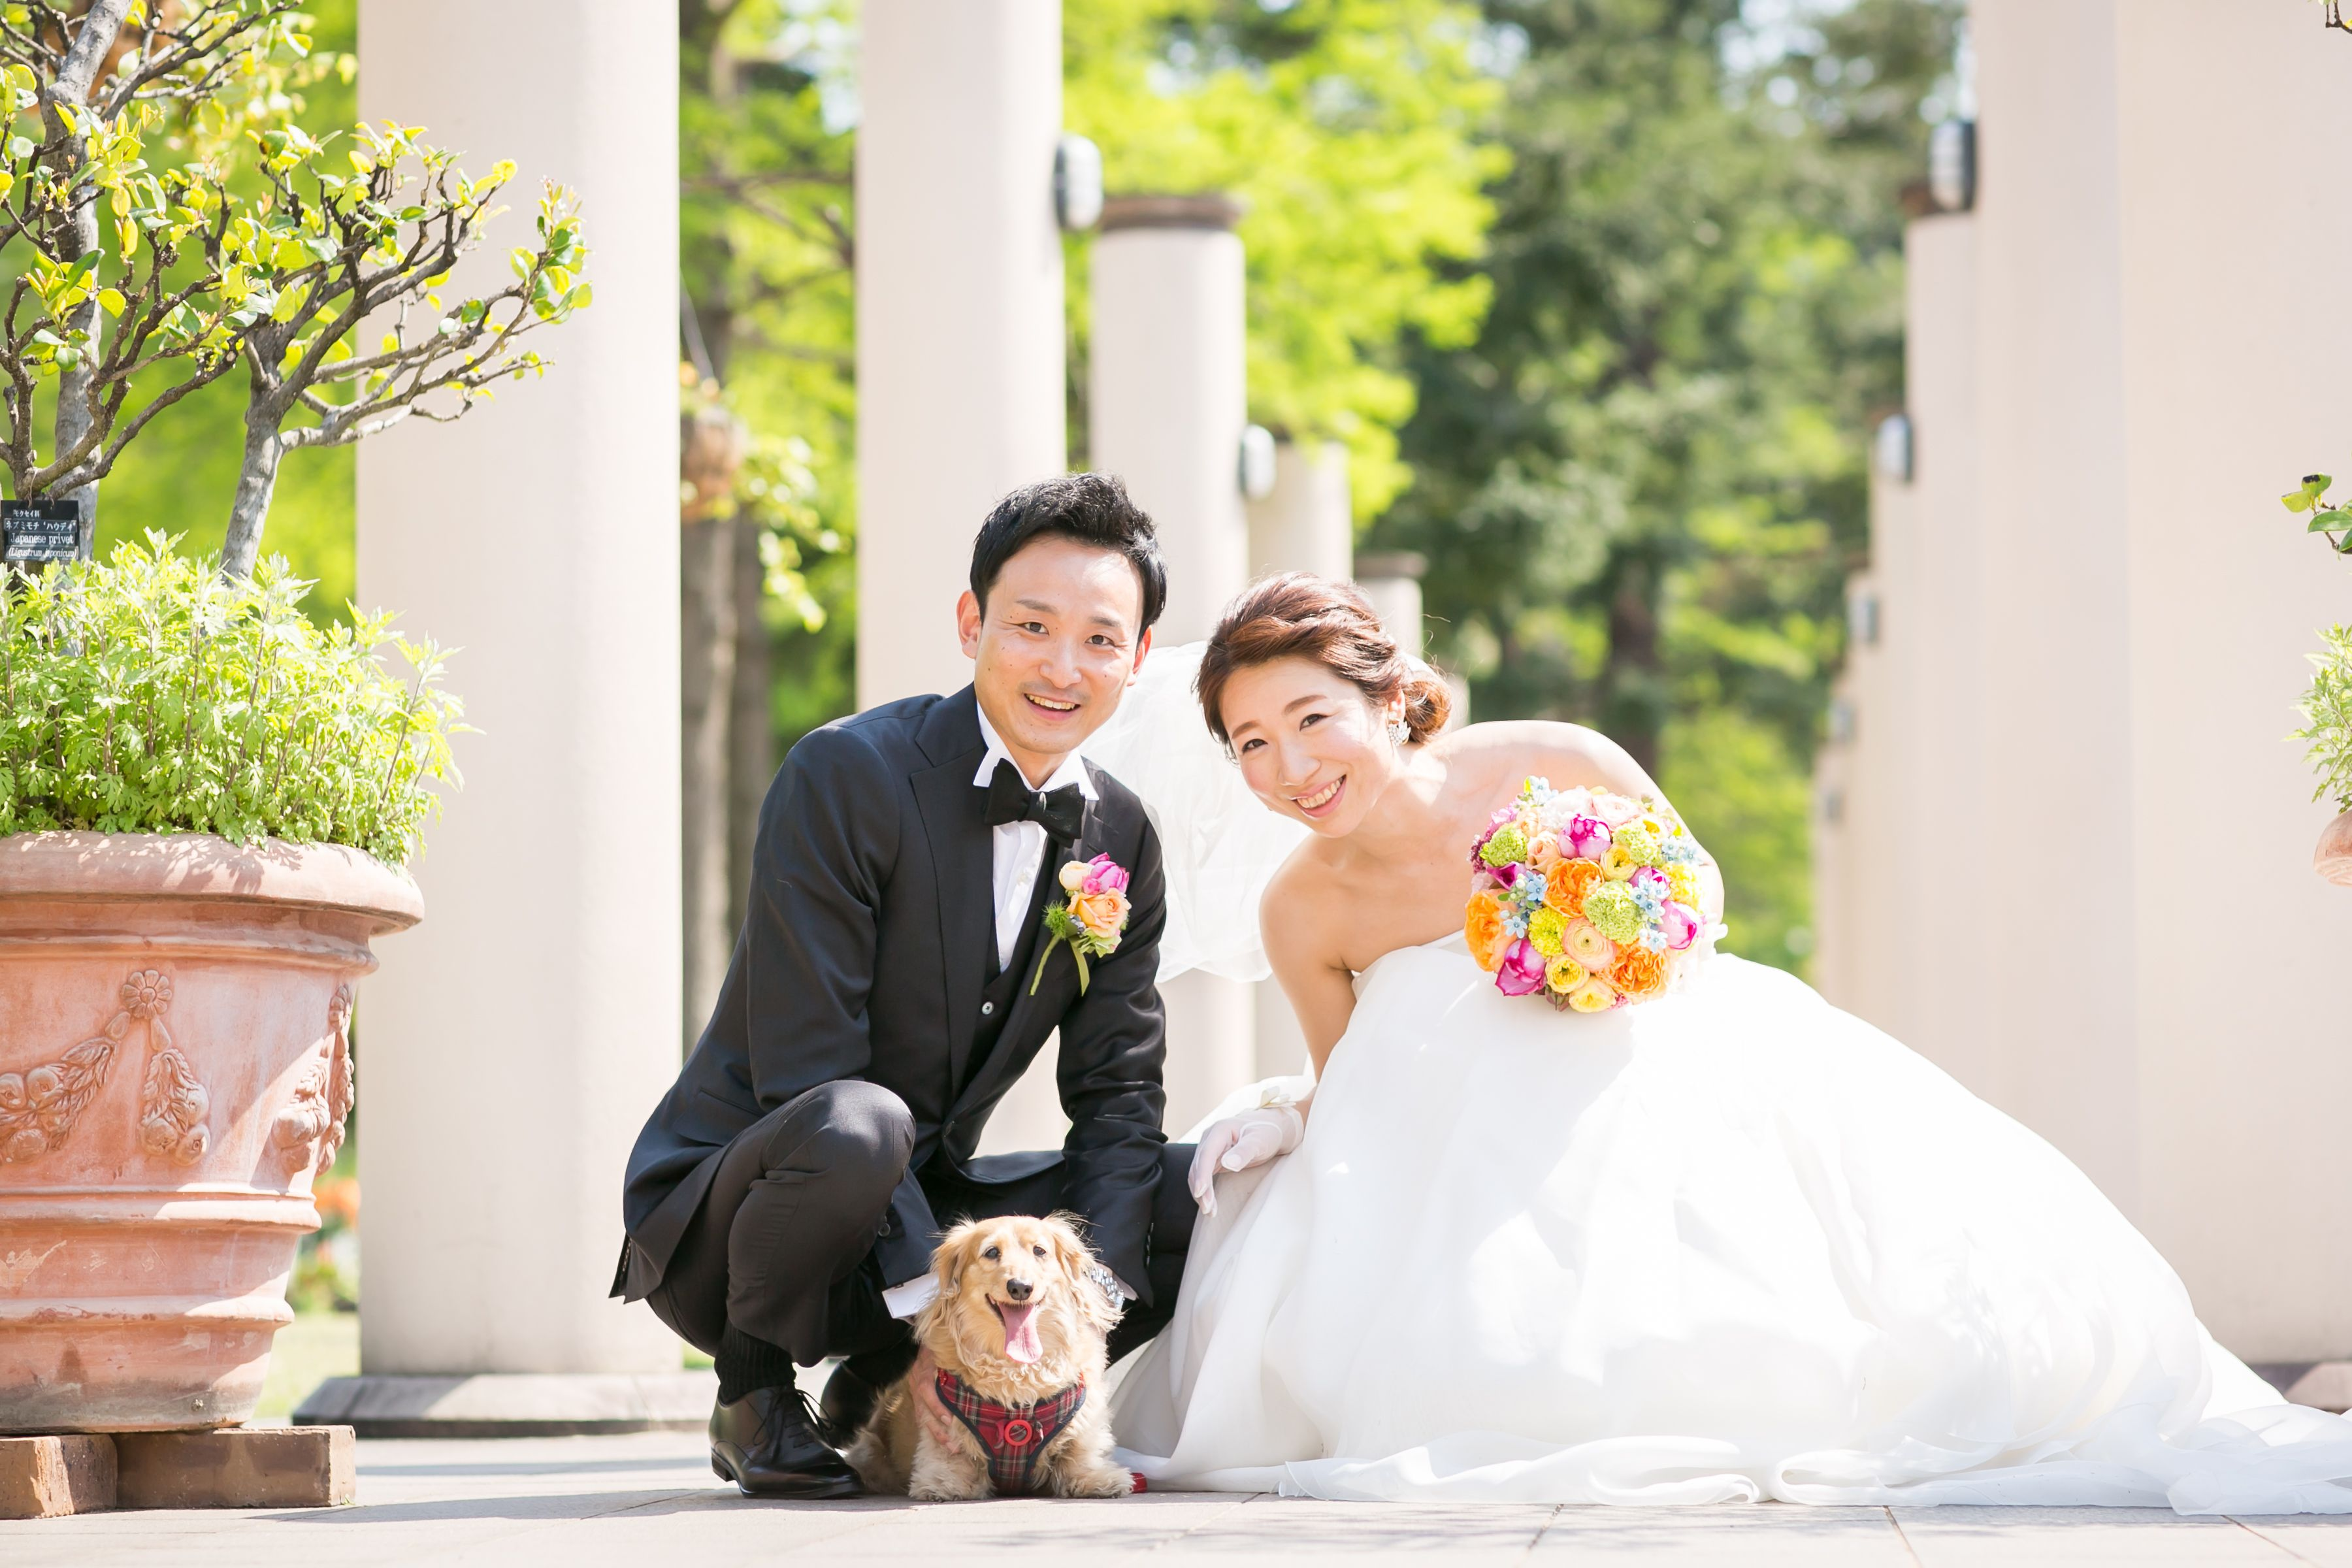 フォトウェディング 前撮り 犬と前撮り 犬とフォトウェディング ガーデン ナチュラル フラリエ ウェディング ウエディング ガーデンウェディング